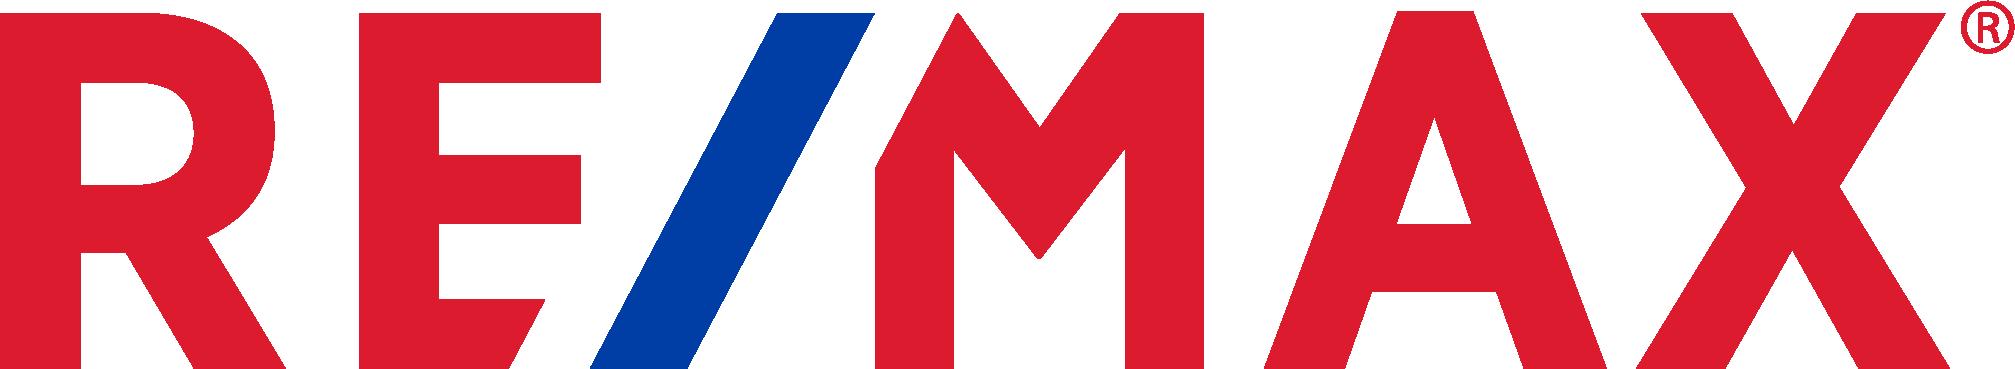 RE/MAX Mexico - Bienes Raíces, Casas en venta y renta